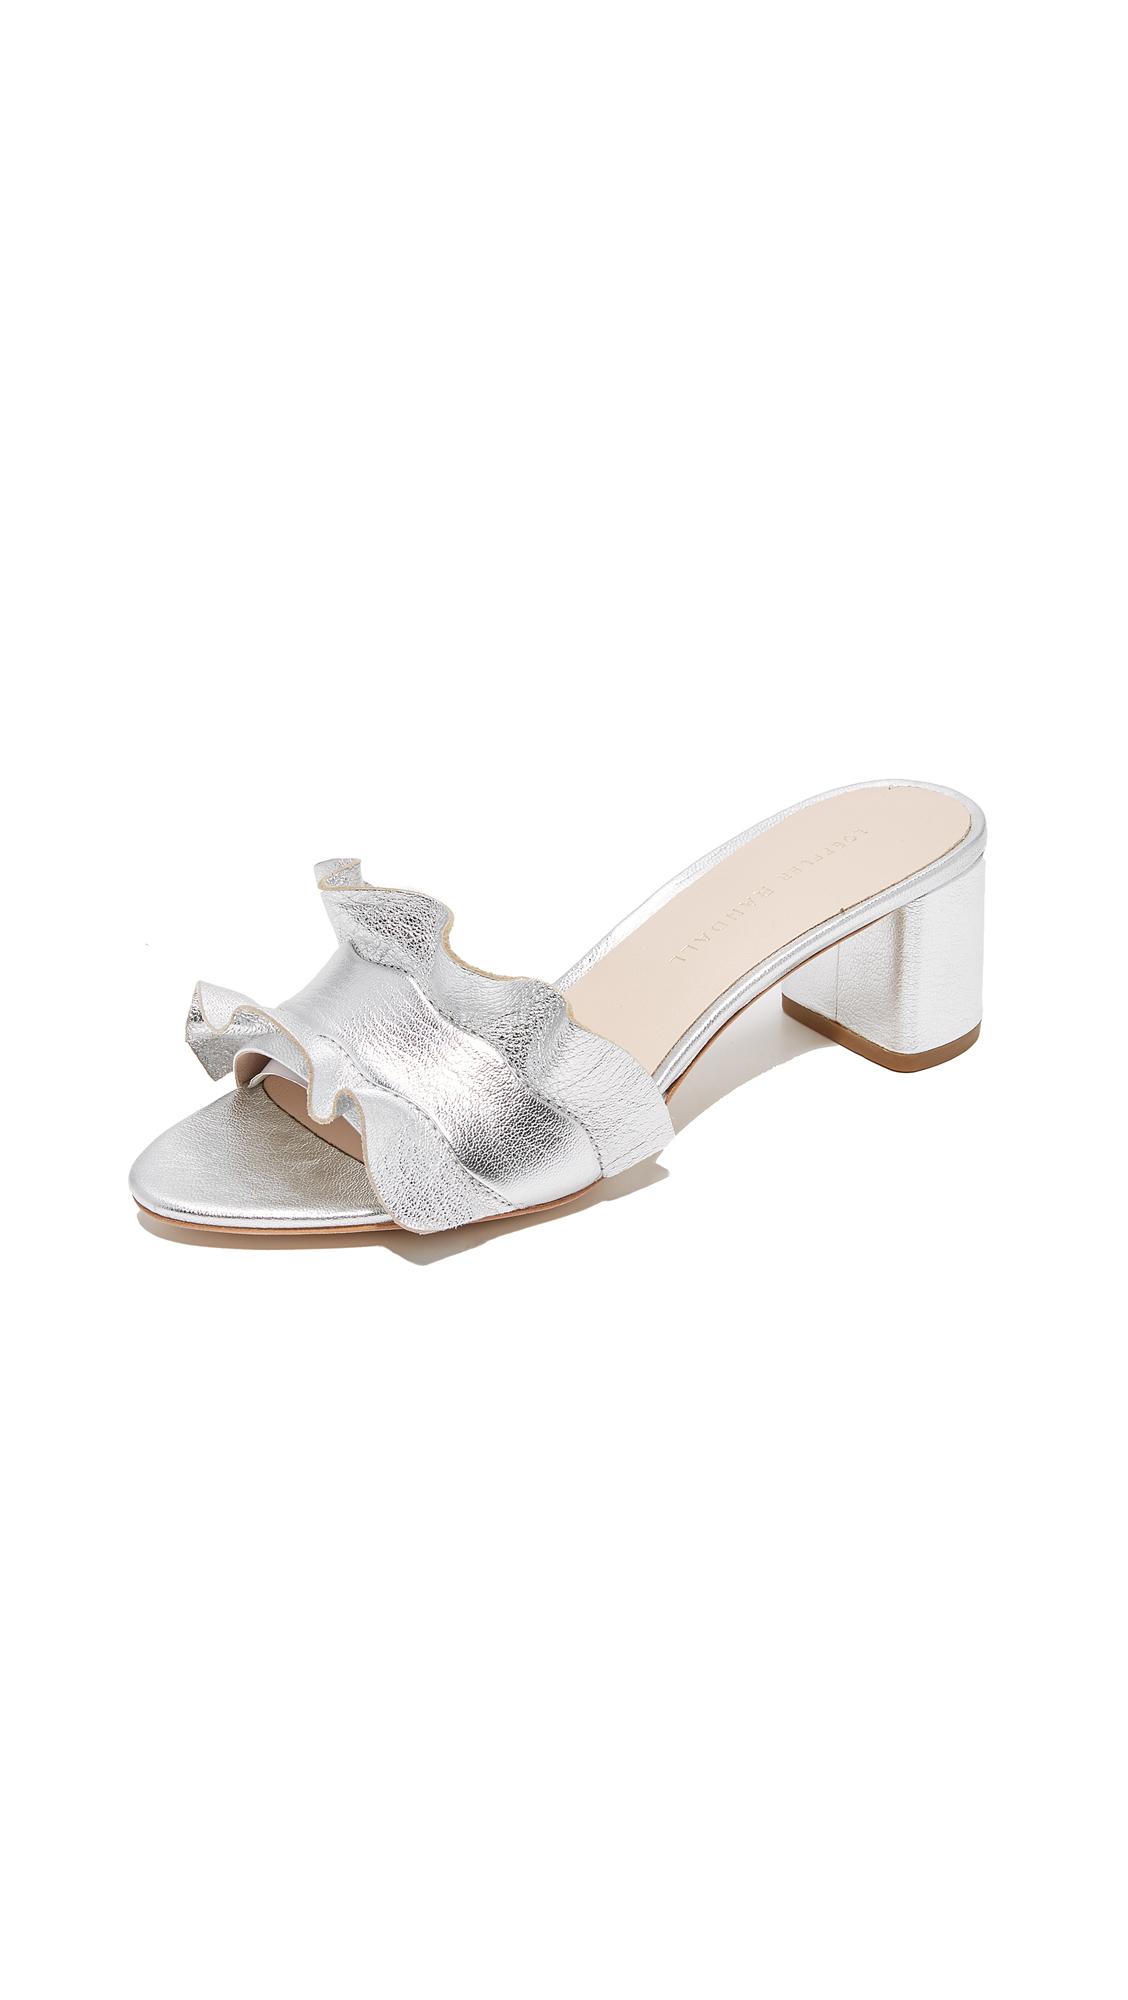 Loeffler Randall Vera City Slides - Silver